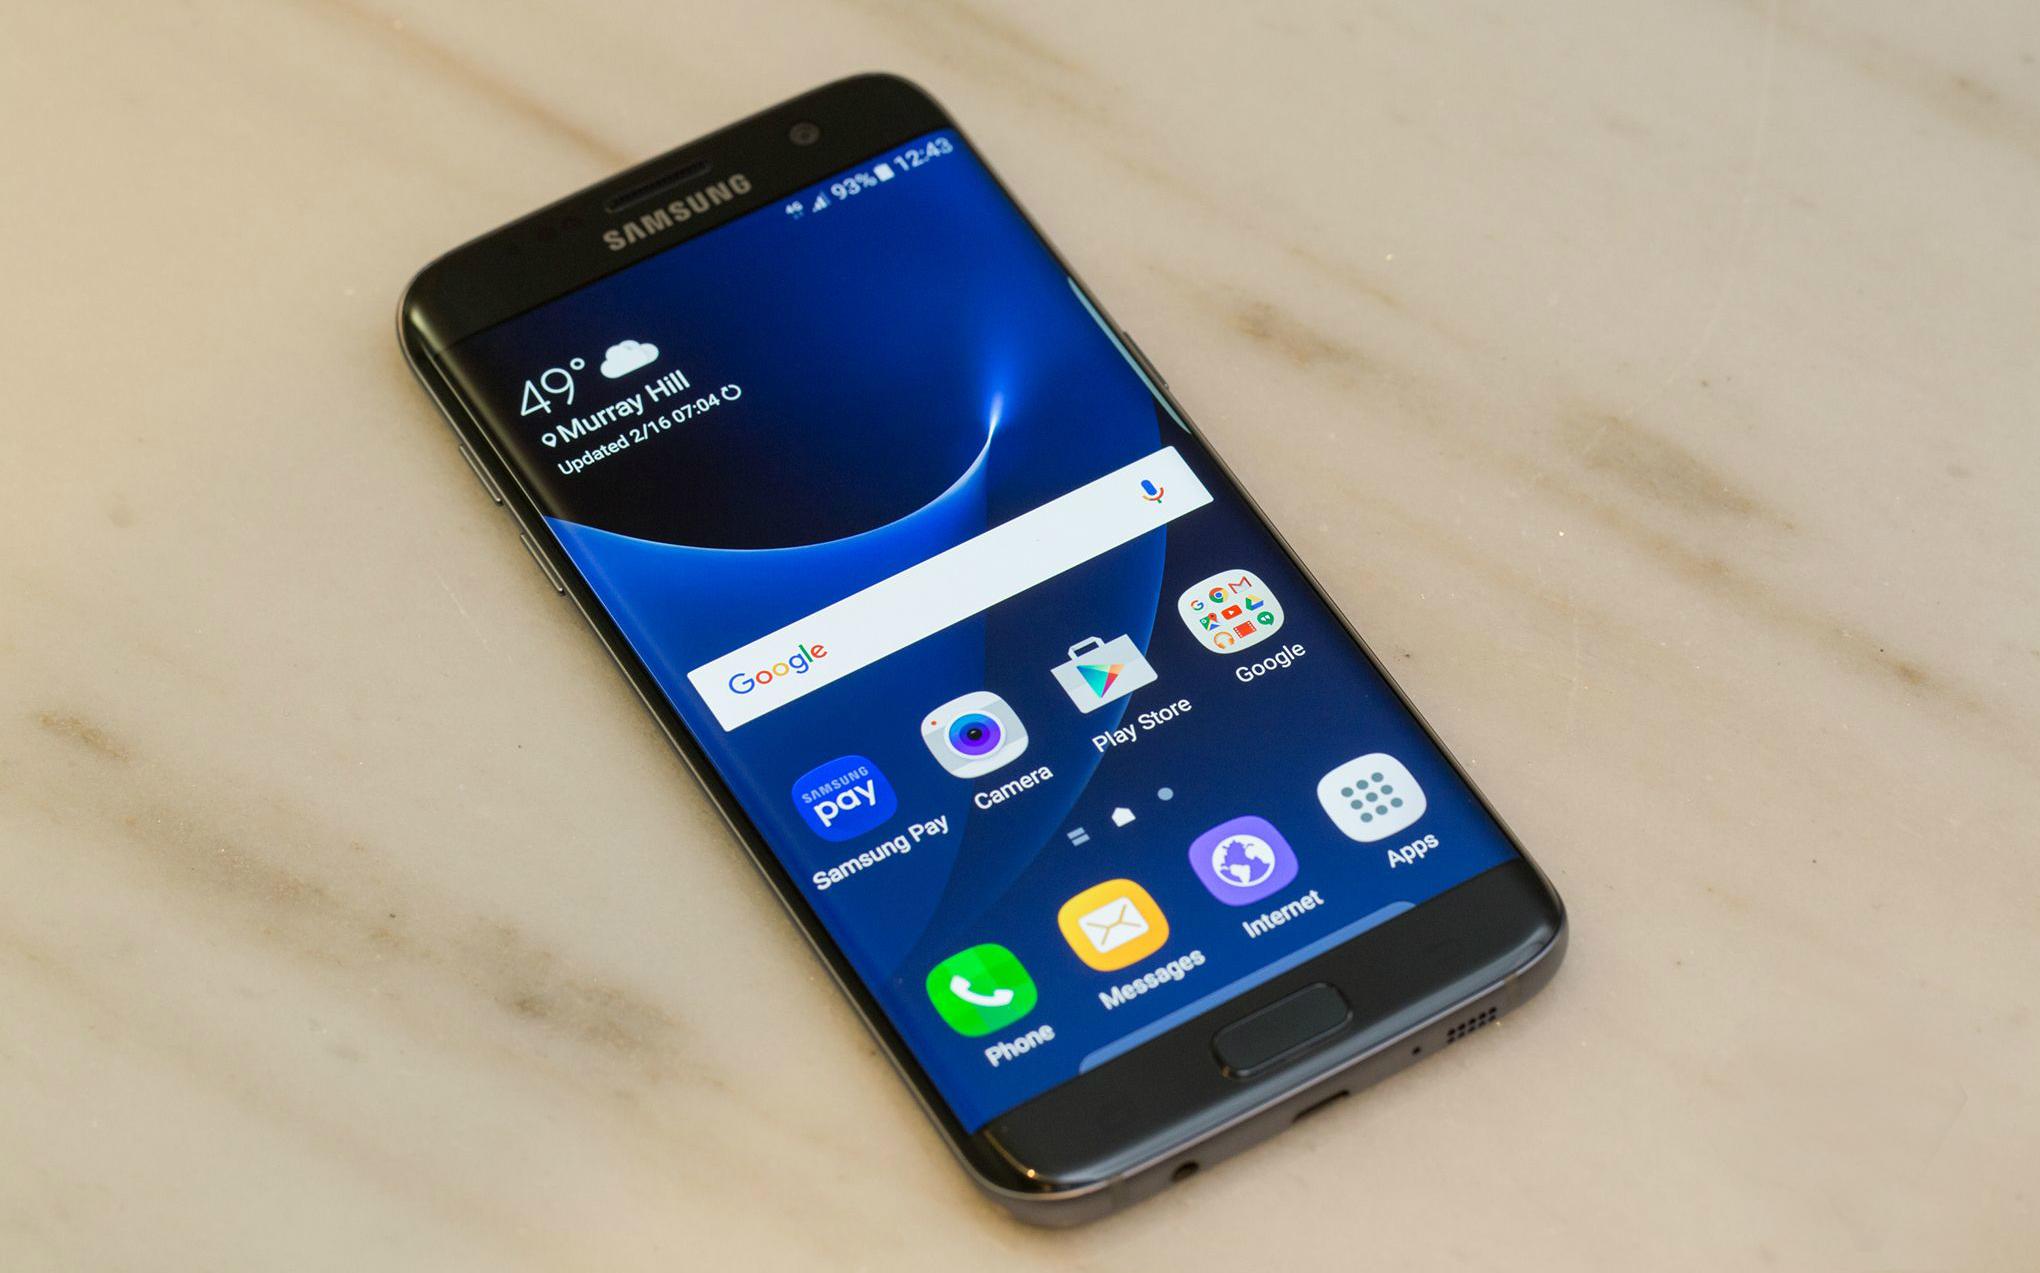 Galaxy S7 Flat tiene un margen de ganancia de $415 dólares